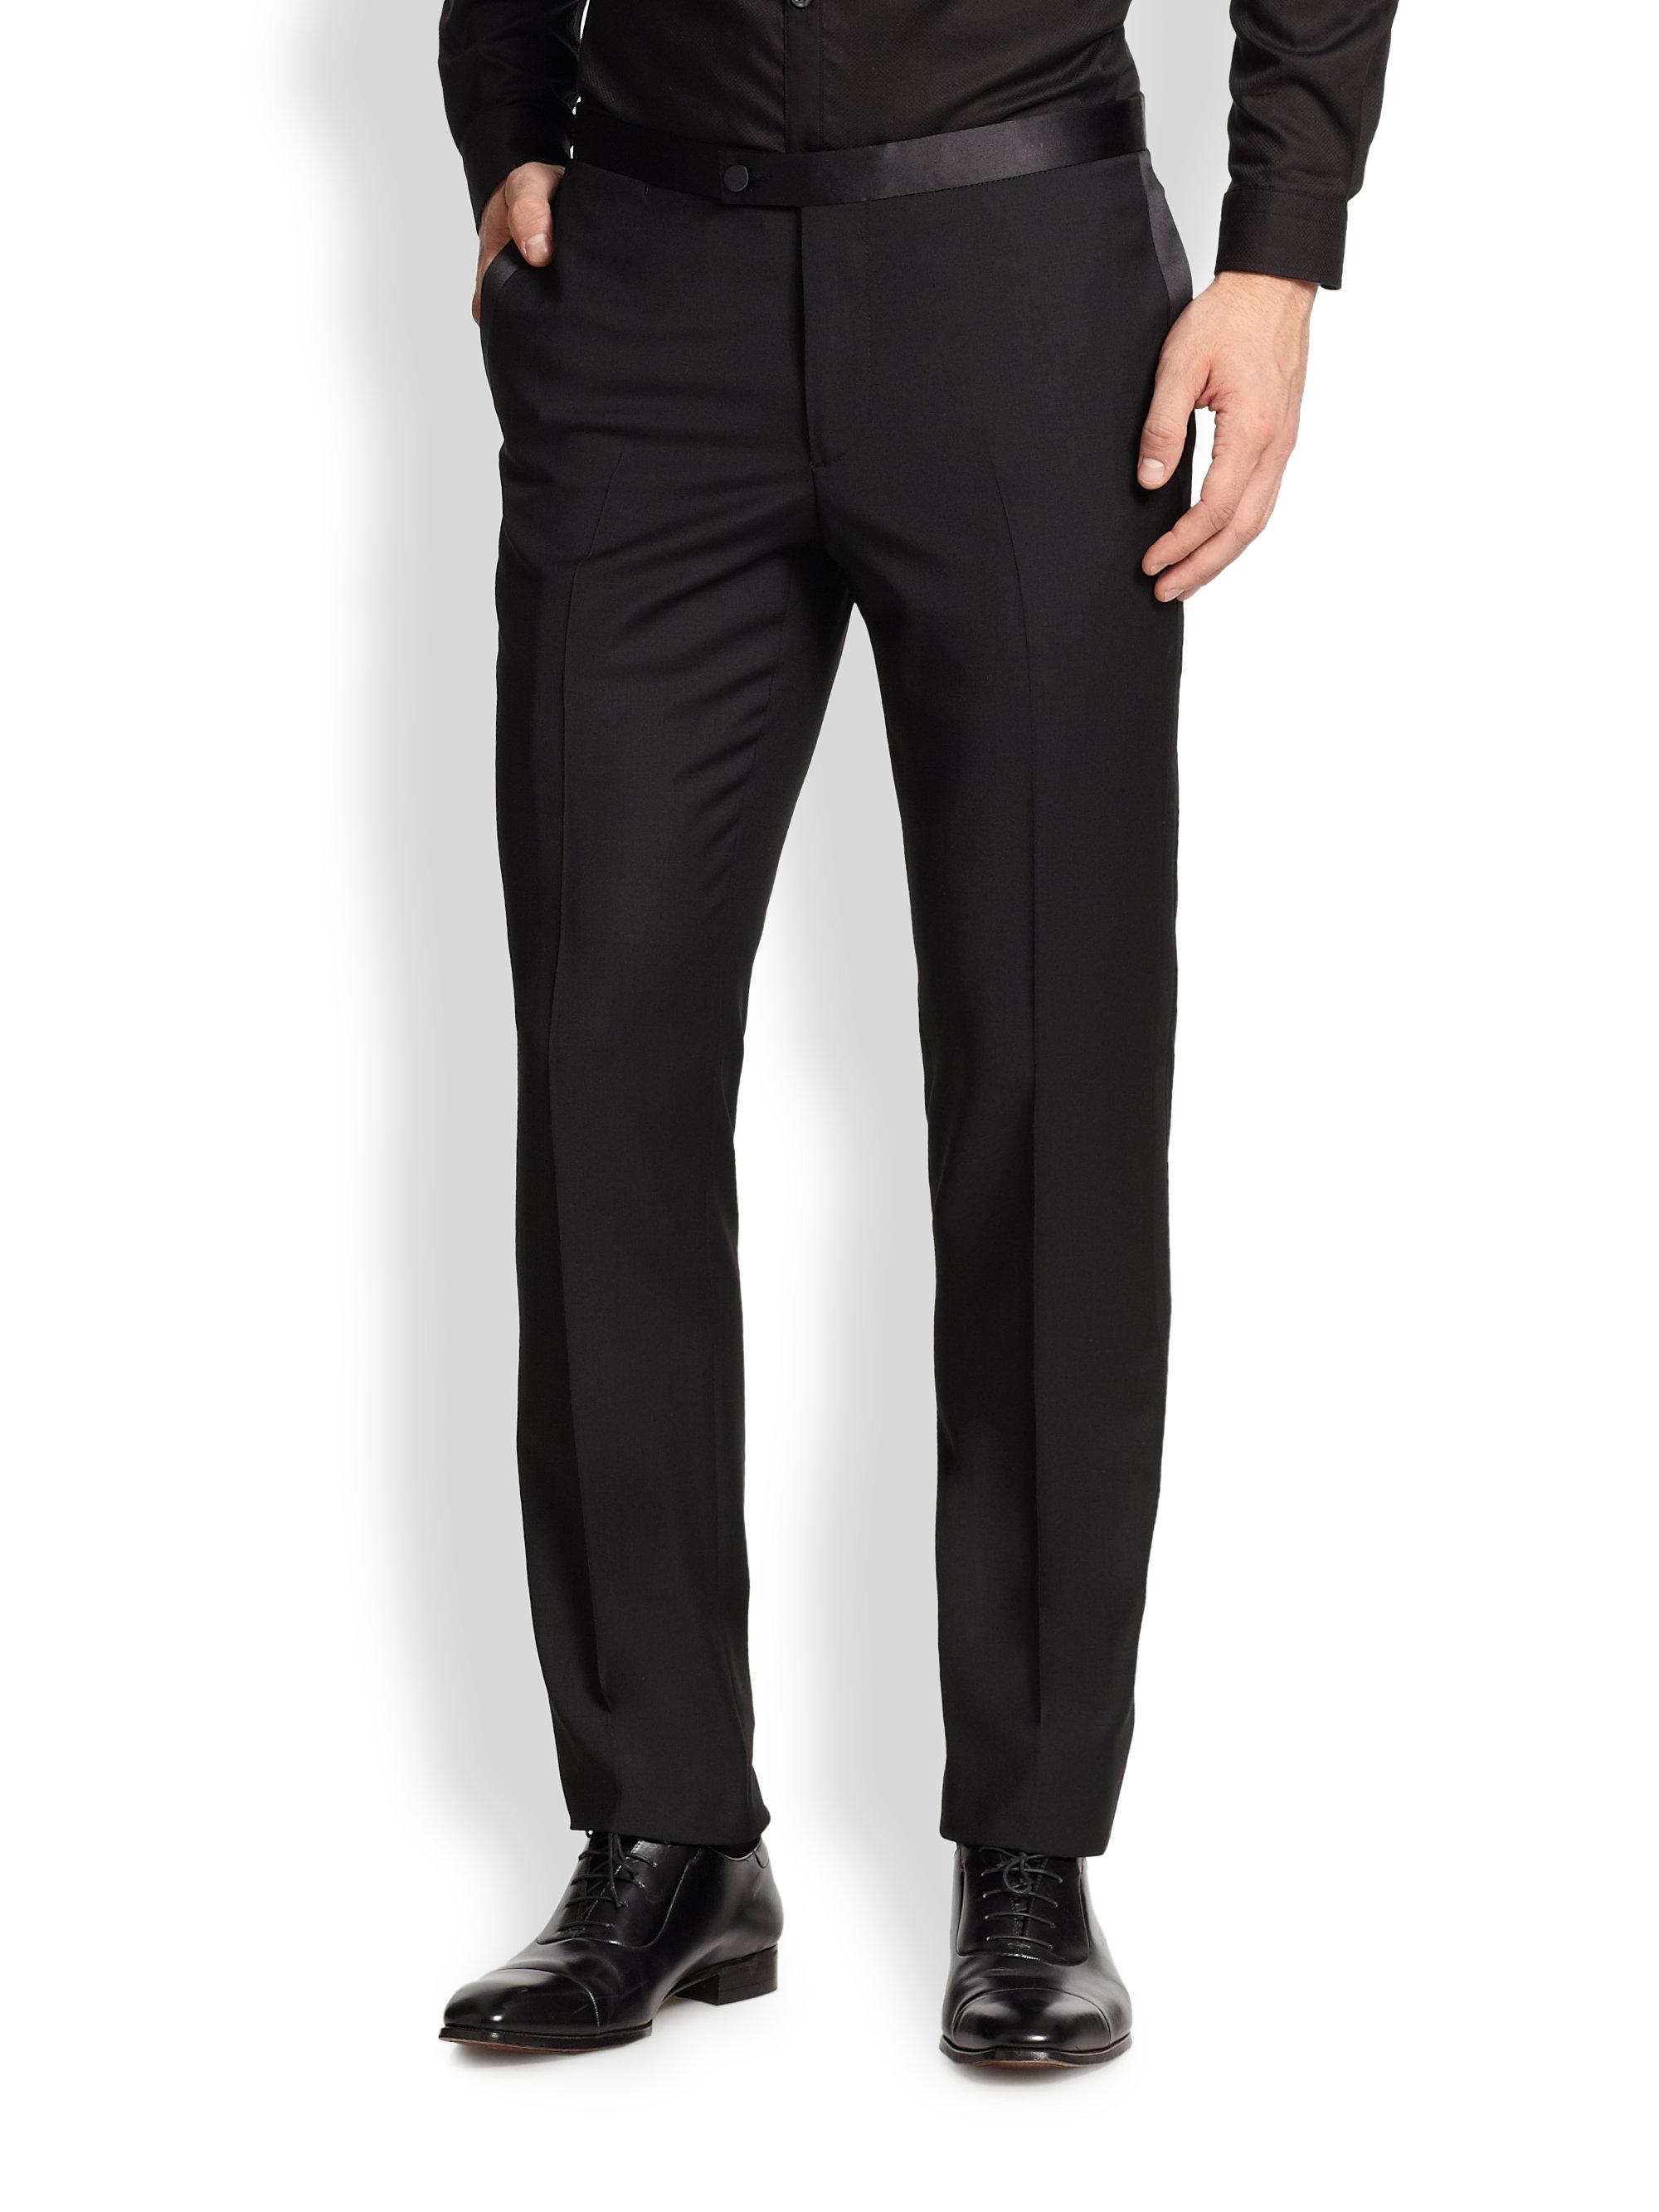 J.lindeberg Porter Fresco Tuxedo Pants in Black for Men